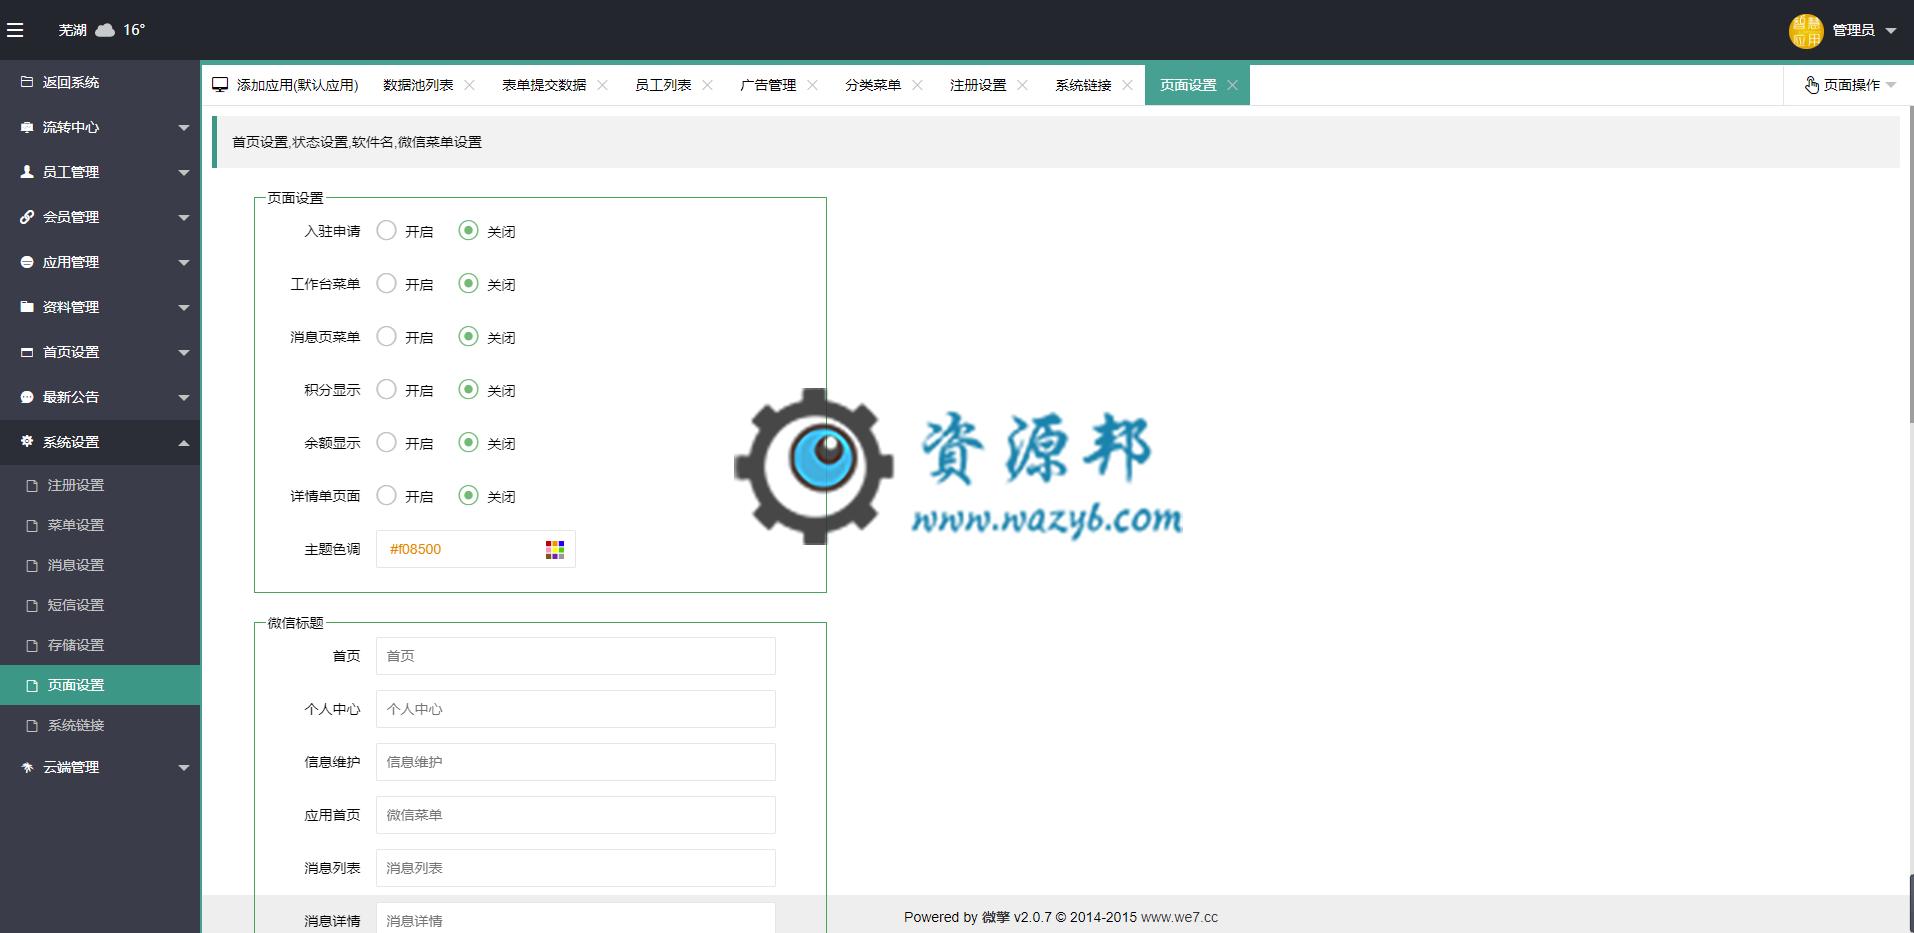 【公众号应用】智慧表单流程V8.0.0正版源码打包,增强主题功能,所有页面图标全部换成字体图标,可以随主题改变颜色 公众号应用 第4张